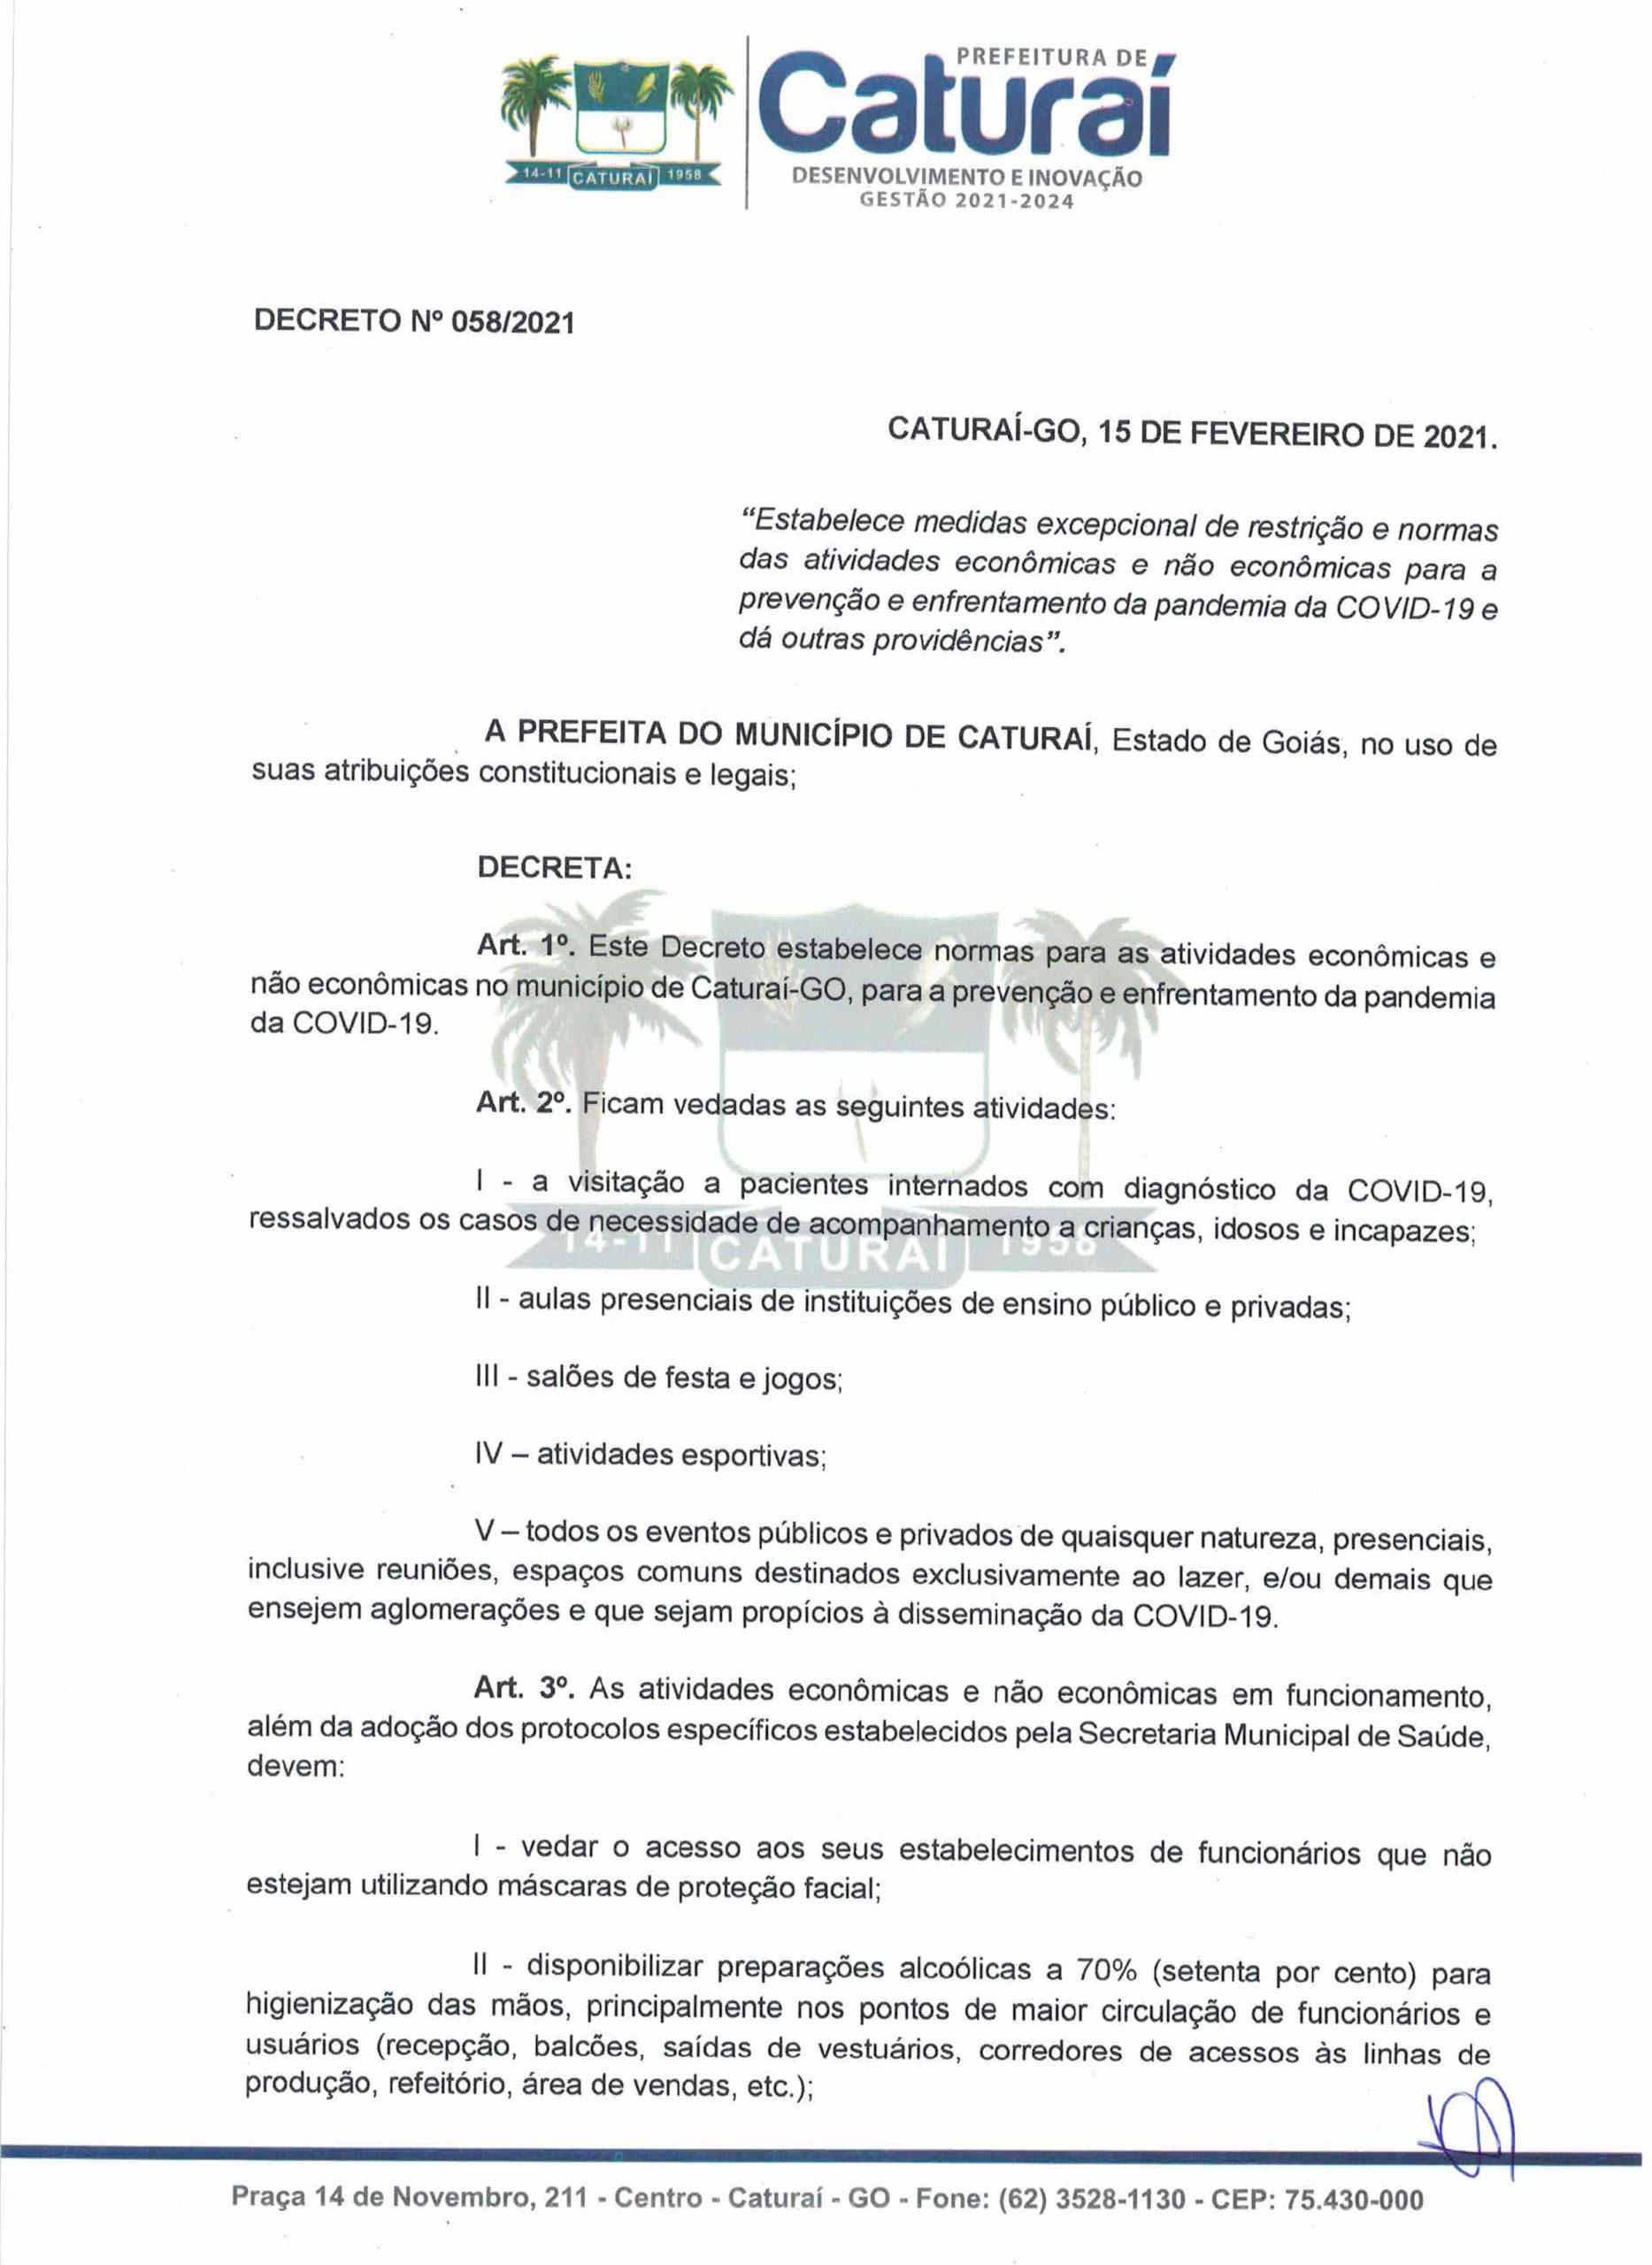 Decreto n. 058-2021